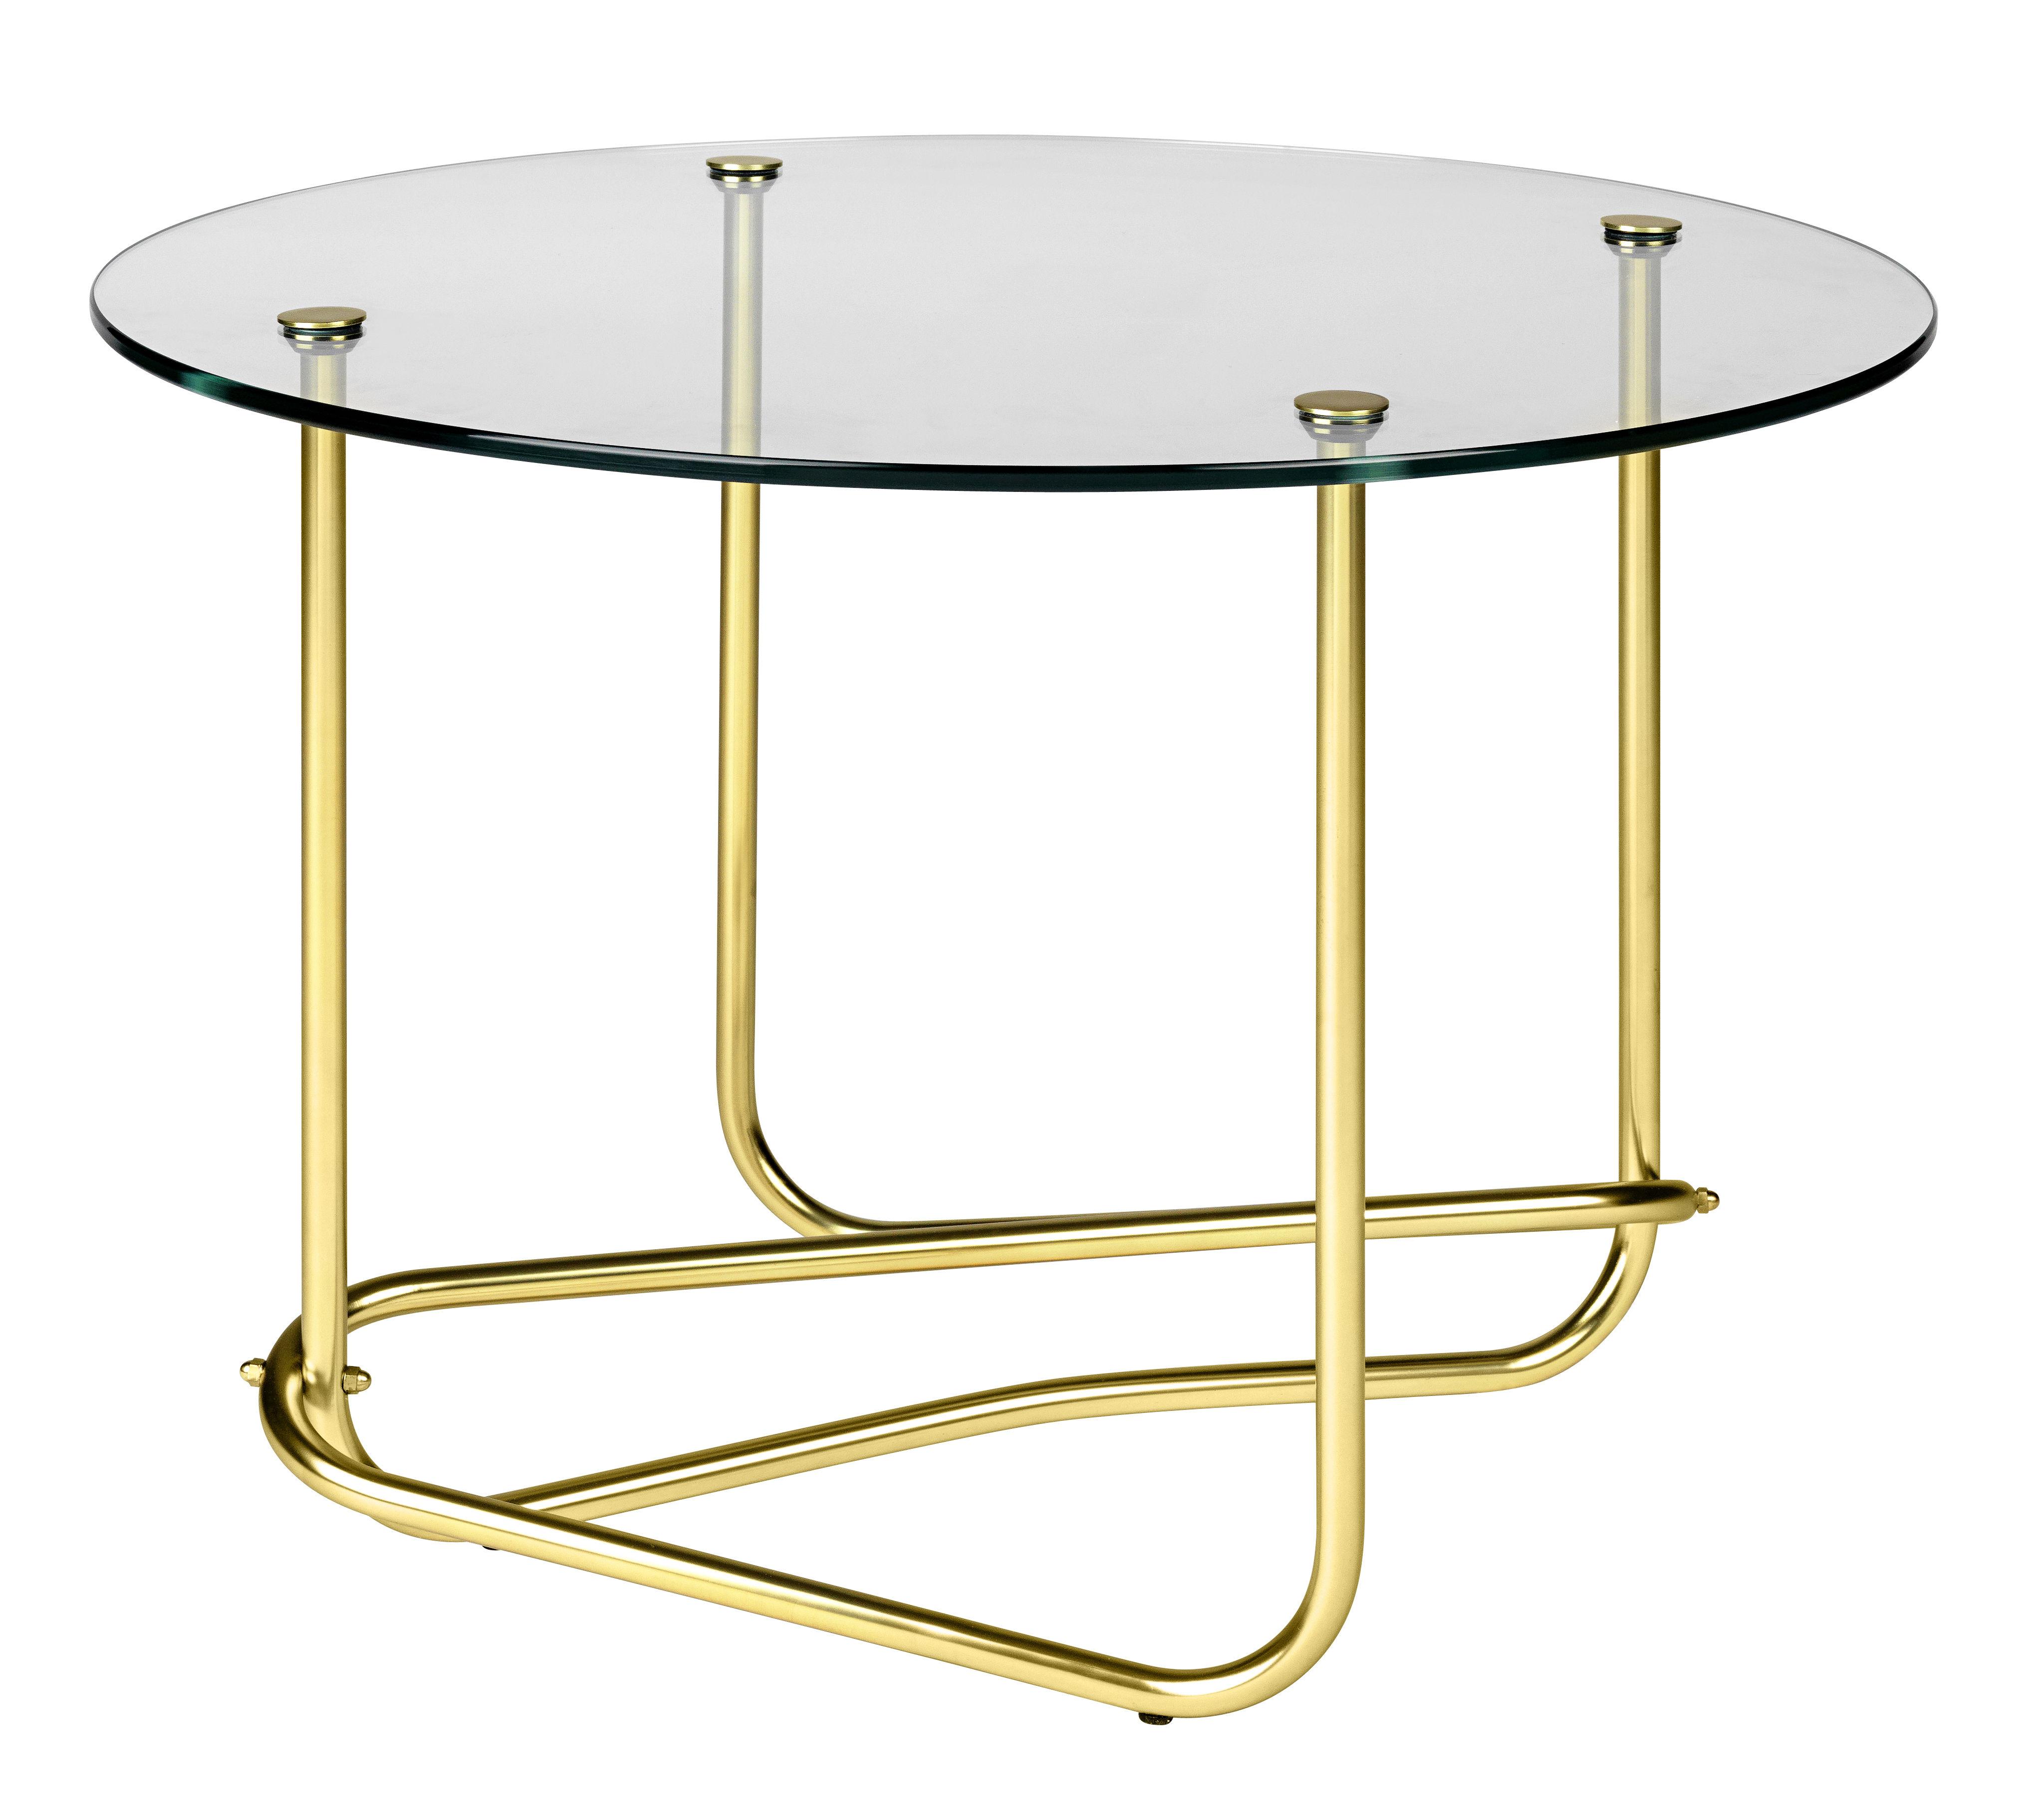 Table Basse Lounge Table Gubi Plateau Transparent Pied Laiton